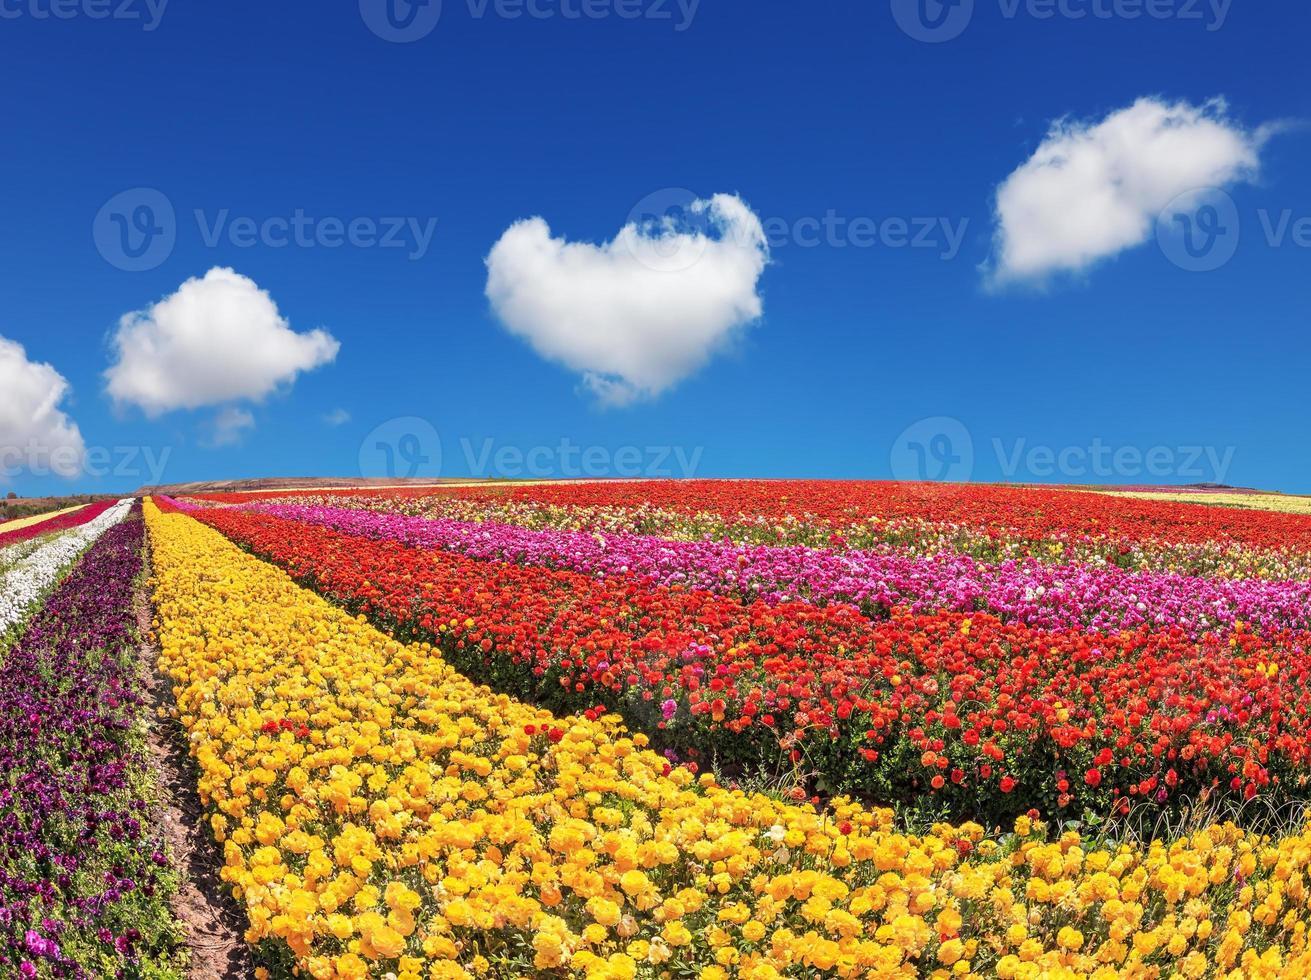 campos enormes de botões de ouro de jardim foto